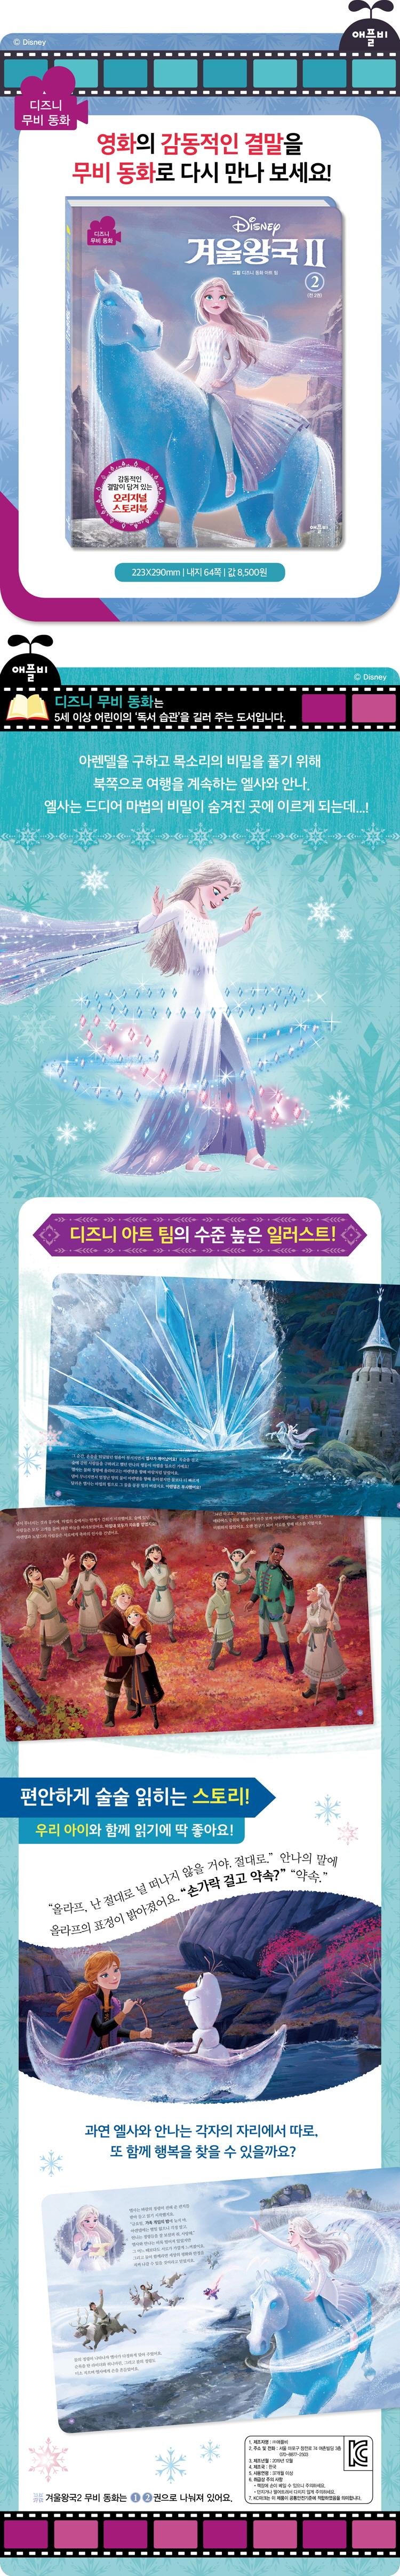 겨울왕국2. 2(디즈니)(디즈니 무비 동화)(양장본 HardCover) 도서 상세이미지